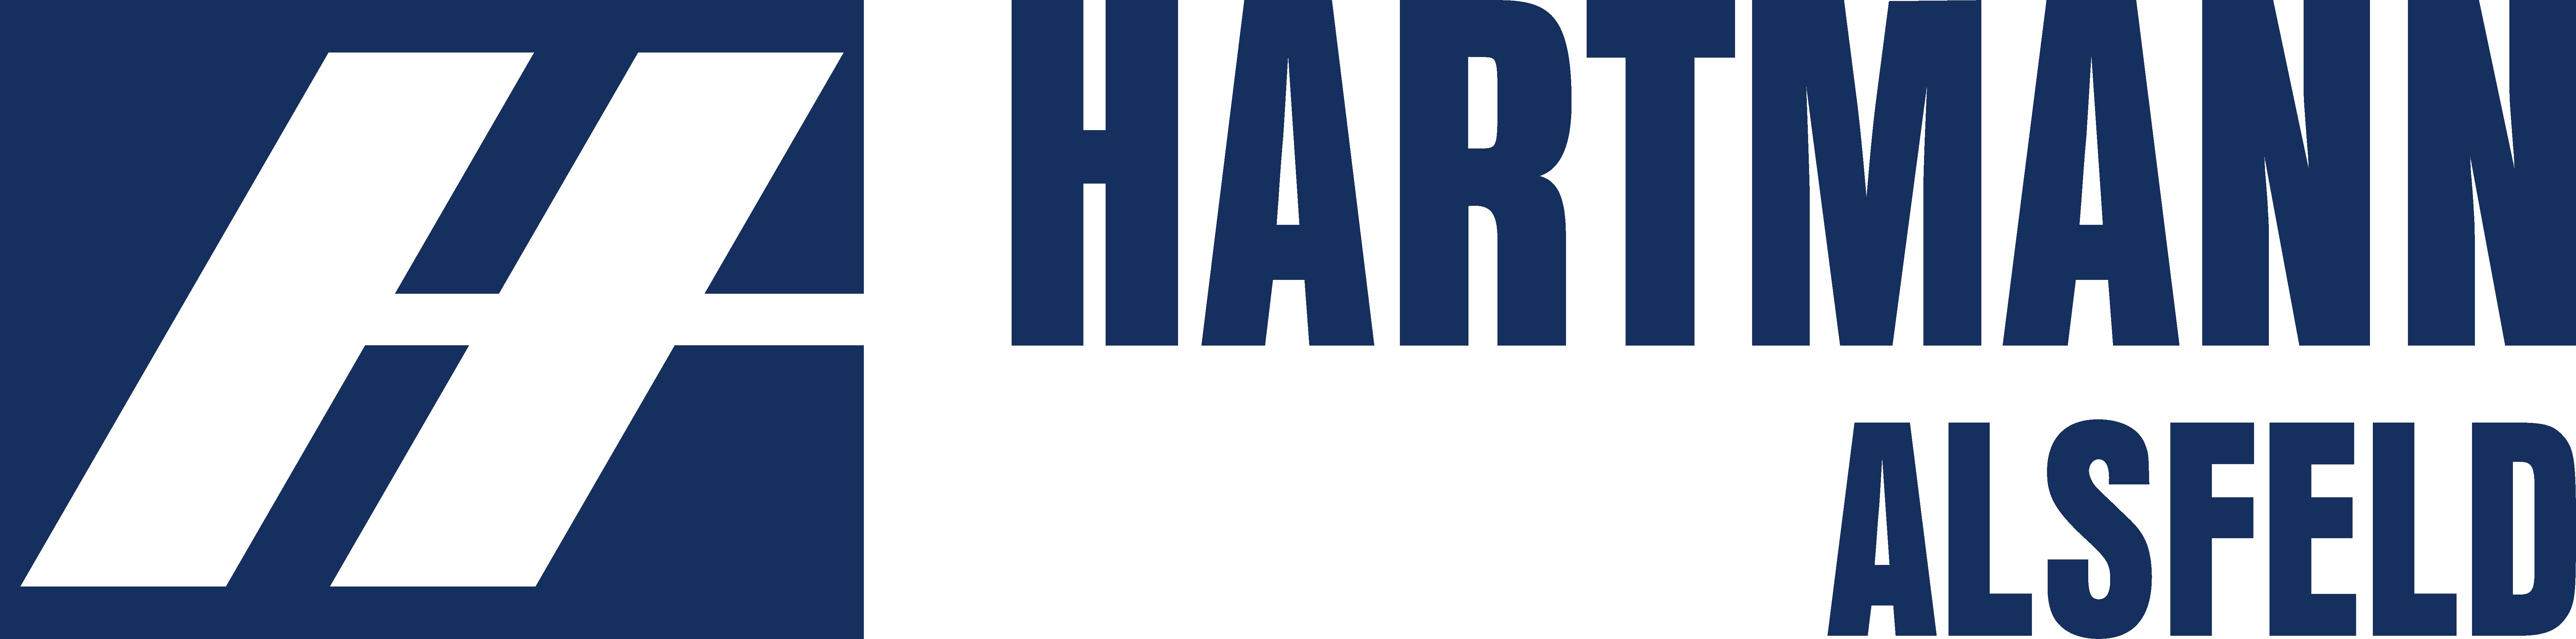 HARTMANN Spezialkarosserien GmbH